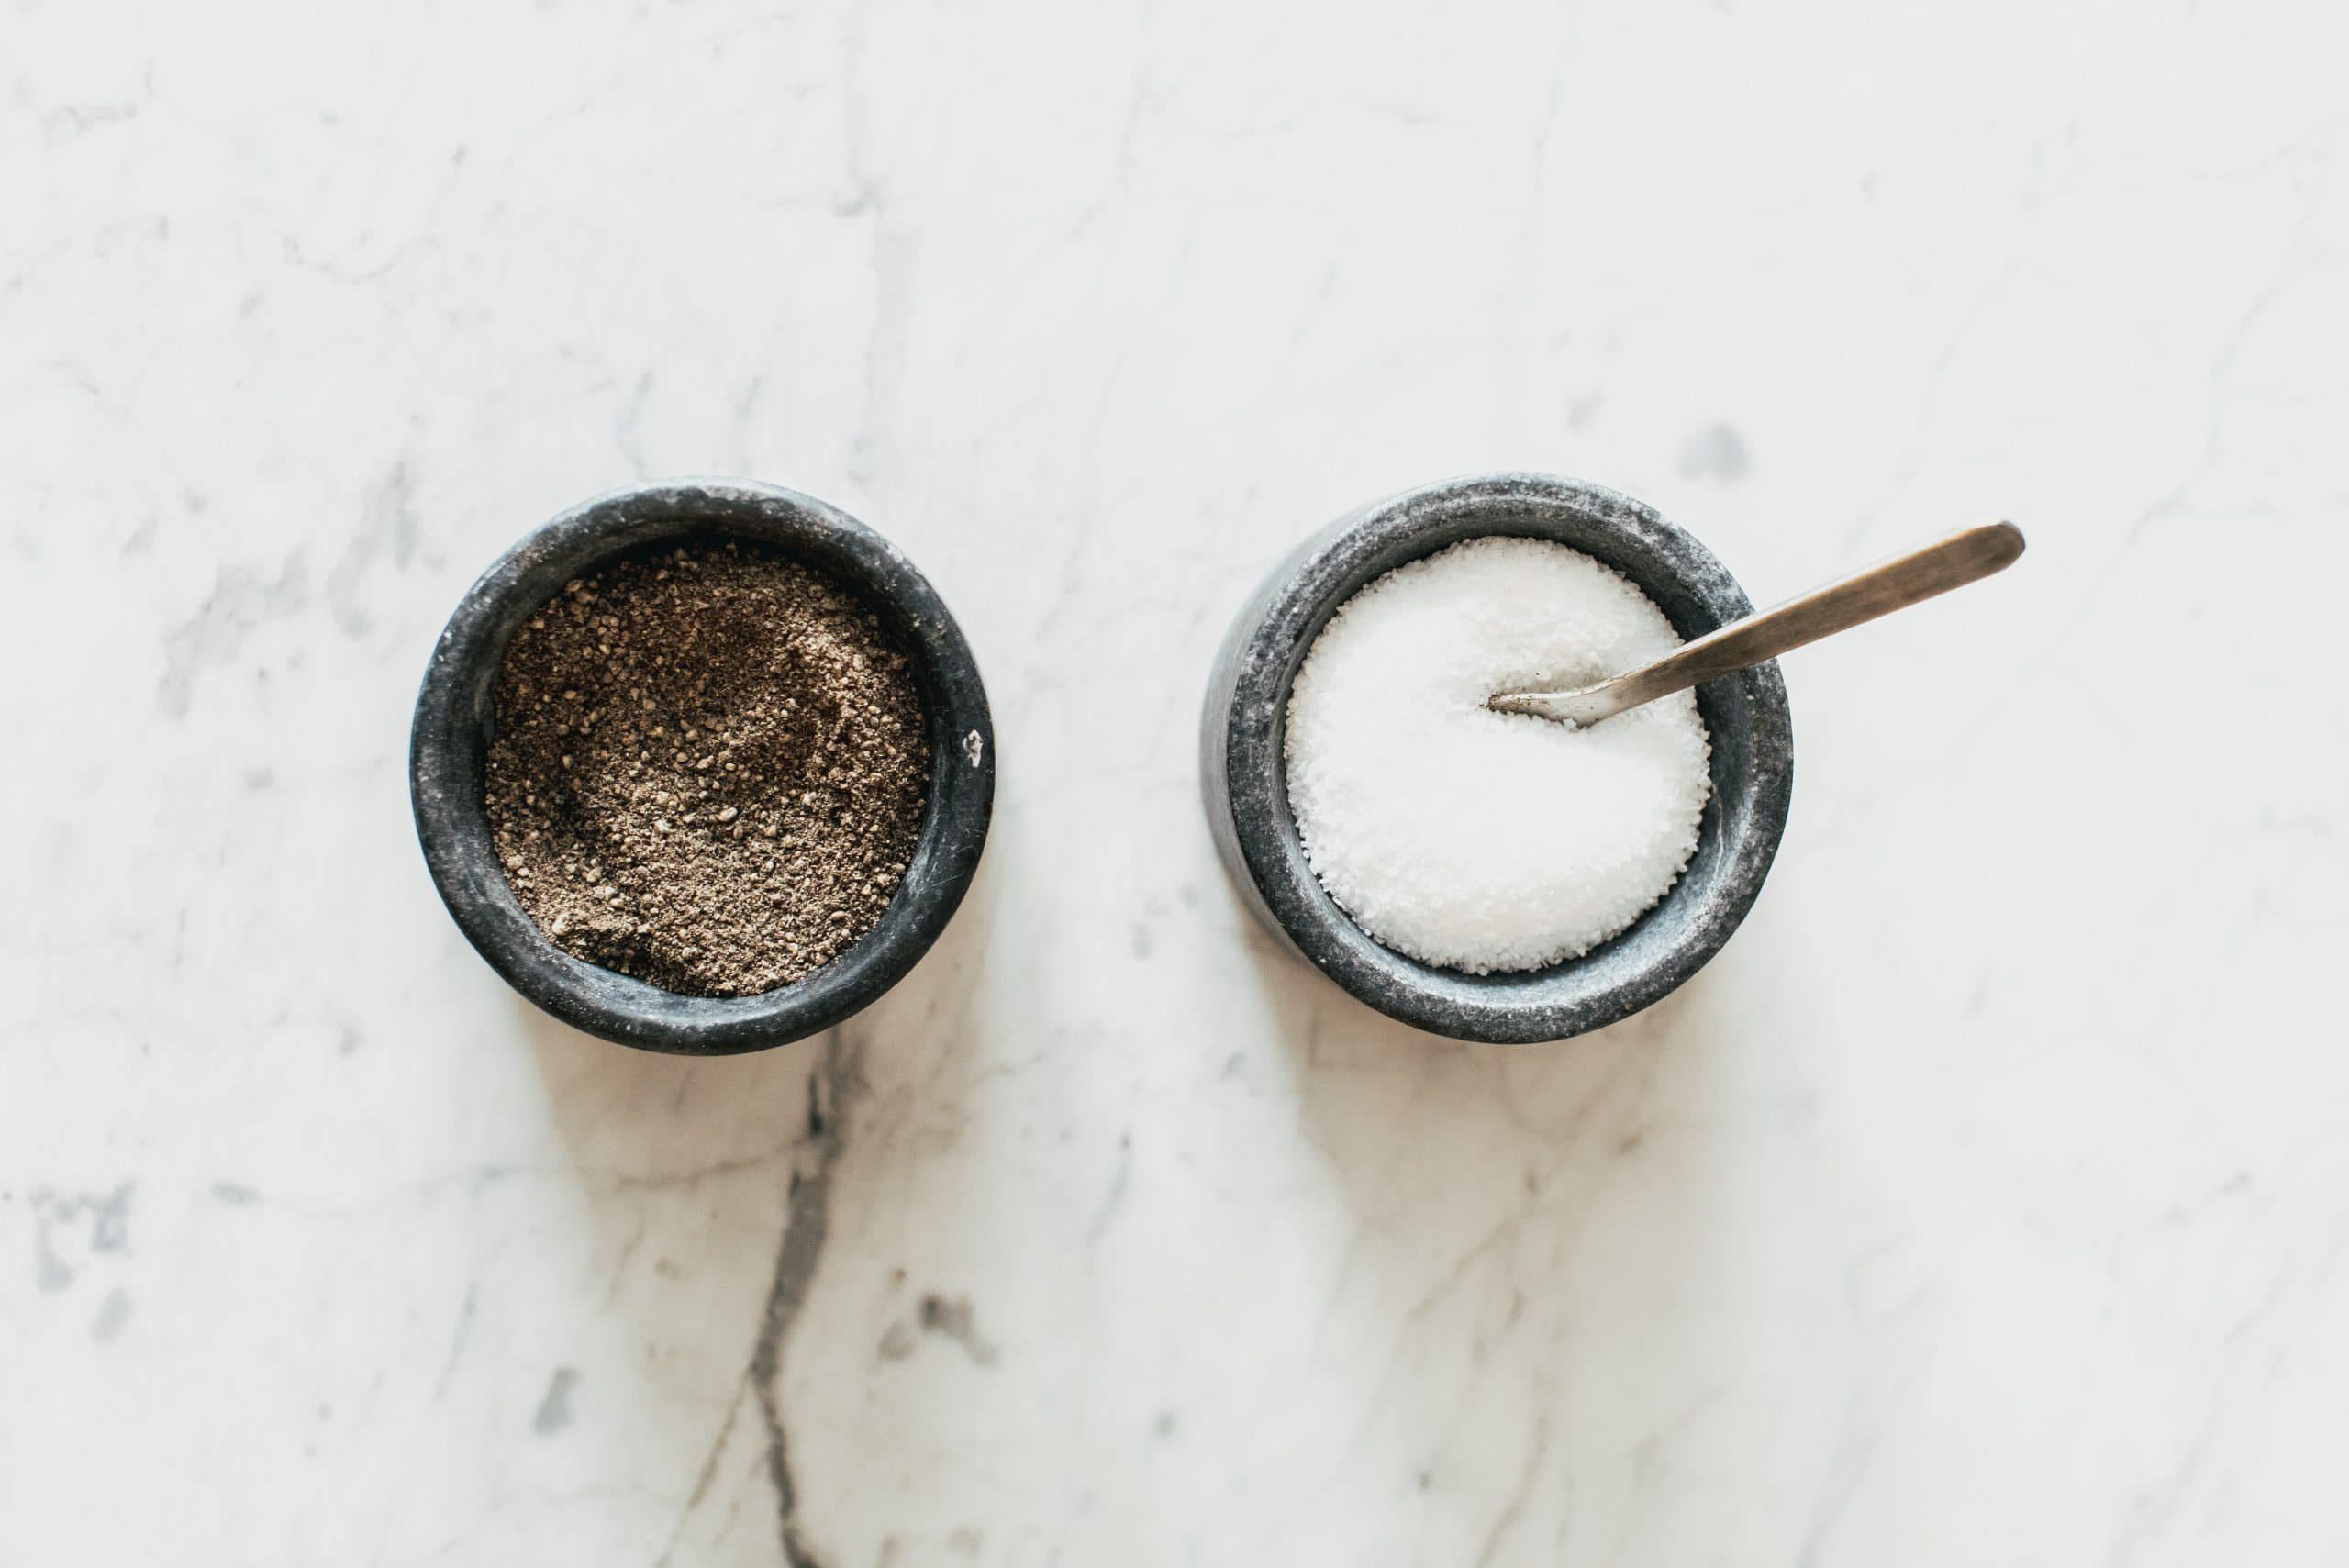 Gesunde natürliche Alternativen zu Kristallzucker